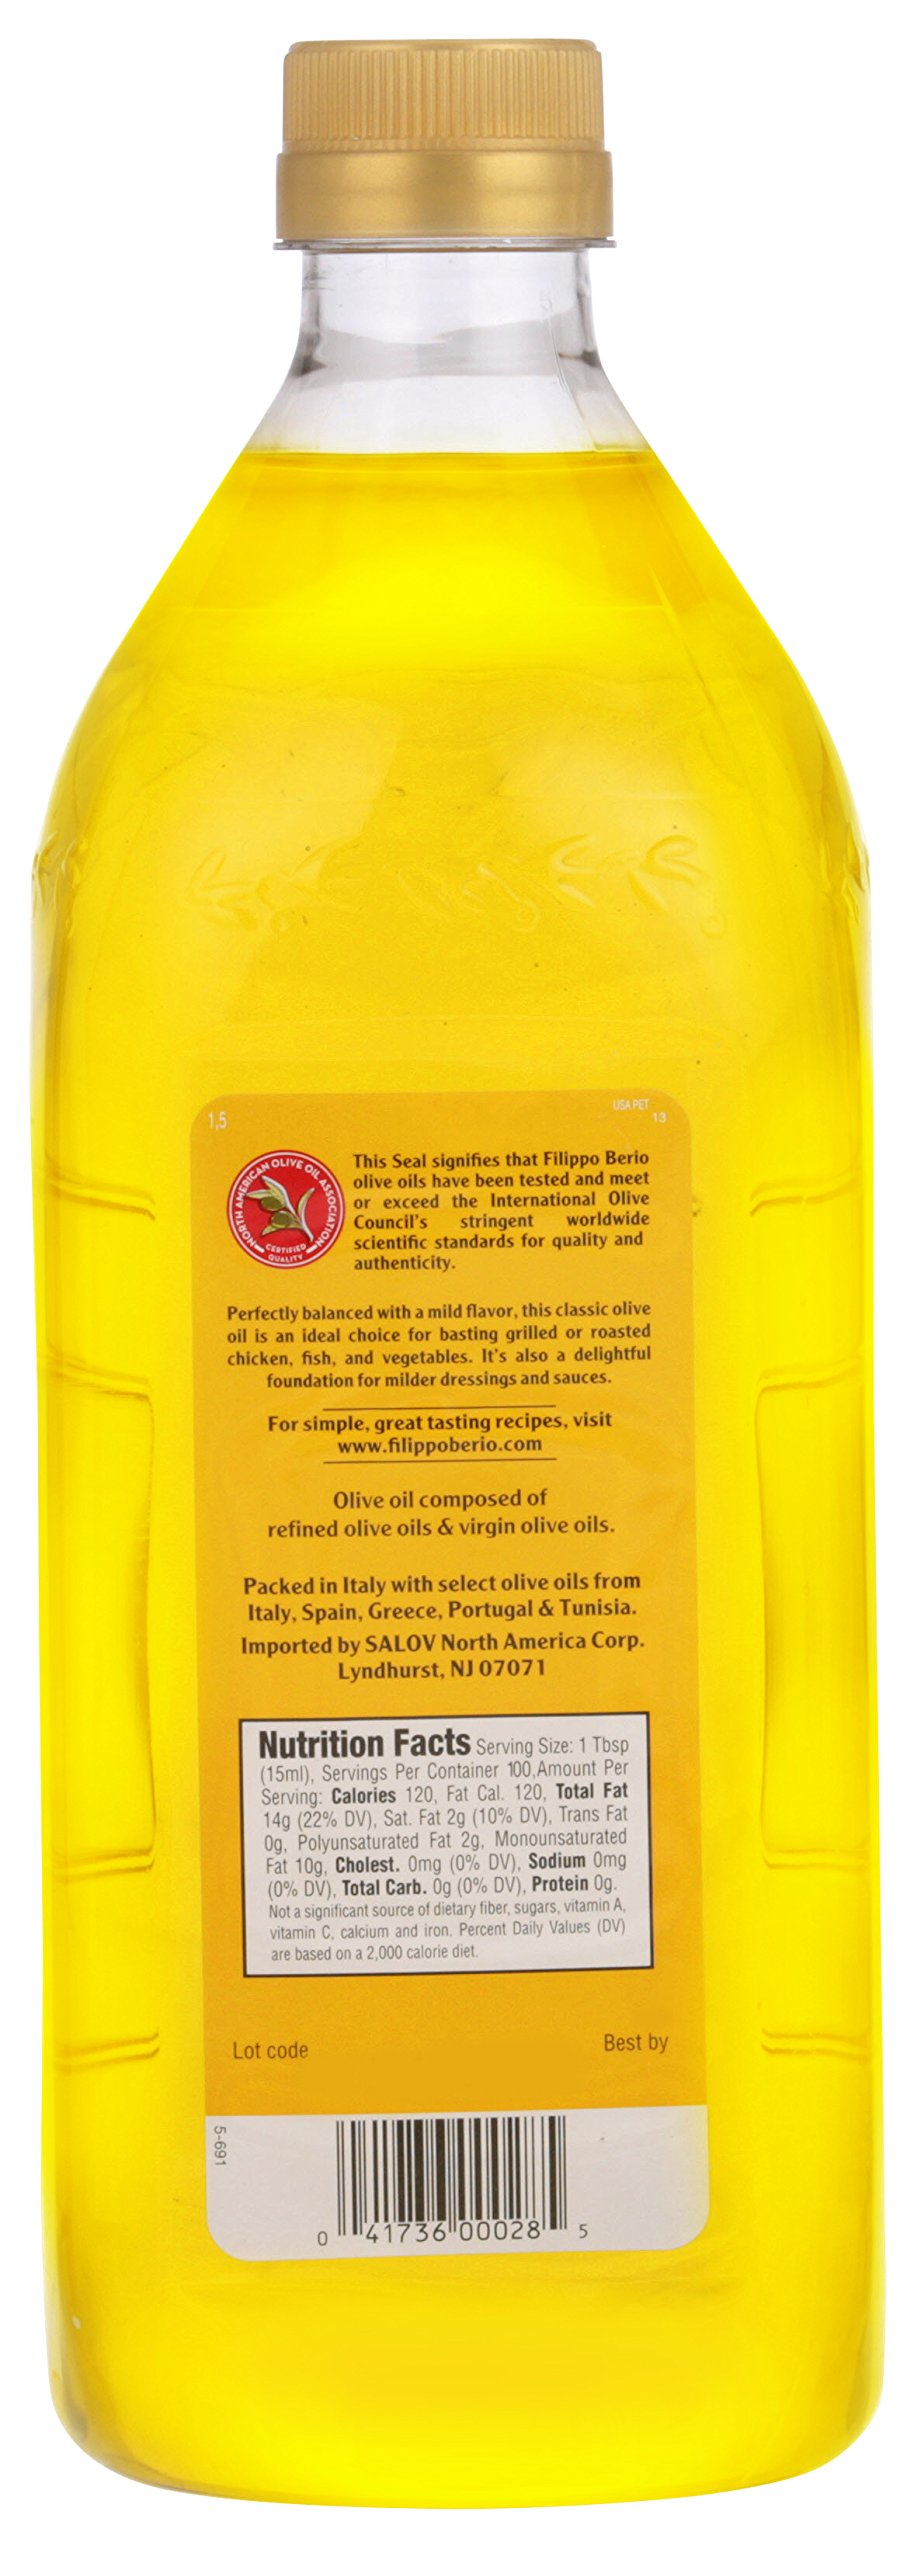 Filippo Berio Olive Oil, 50.7 Ounce by Filippo Berio (Image #2)